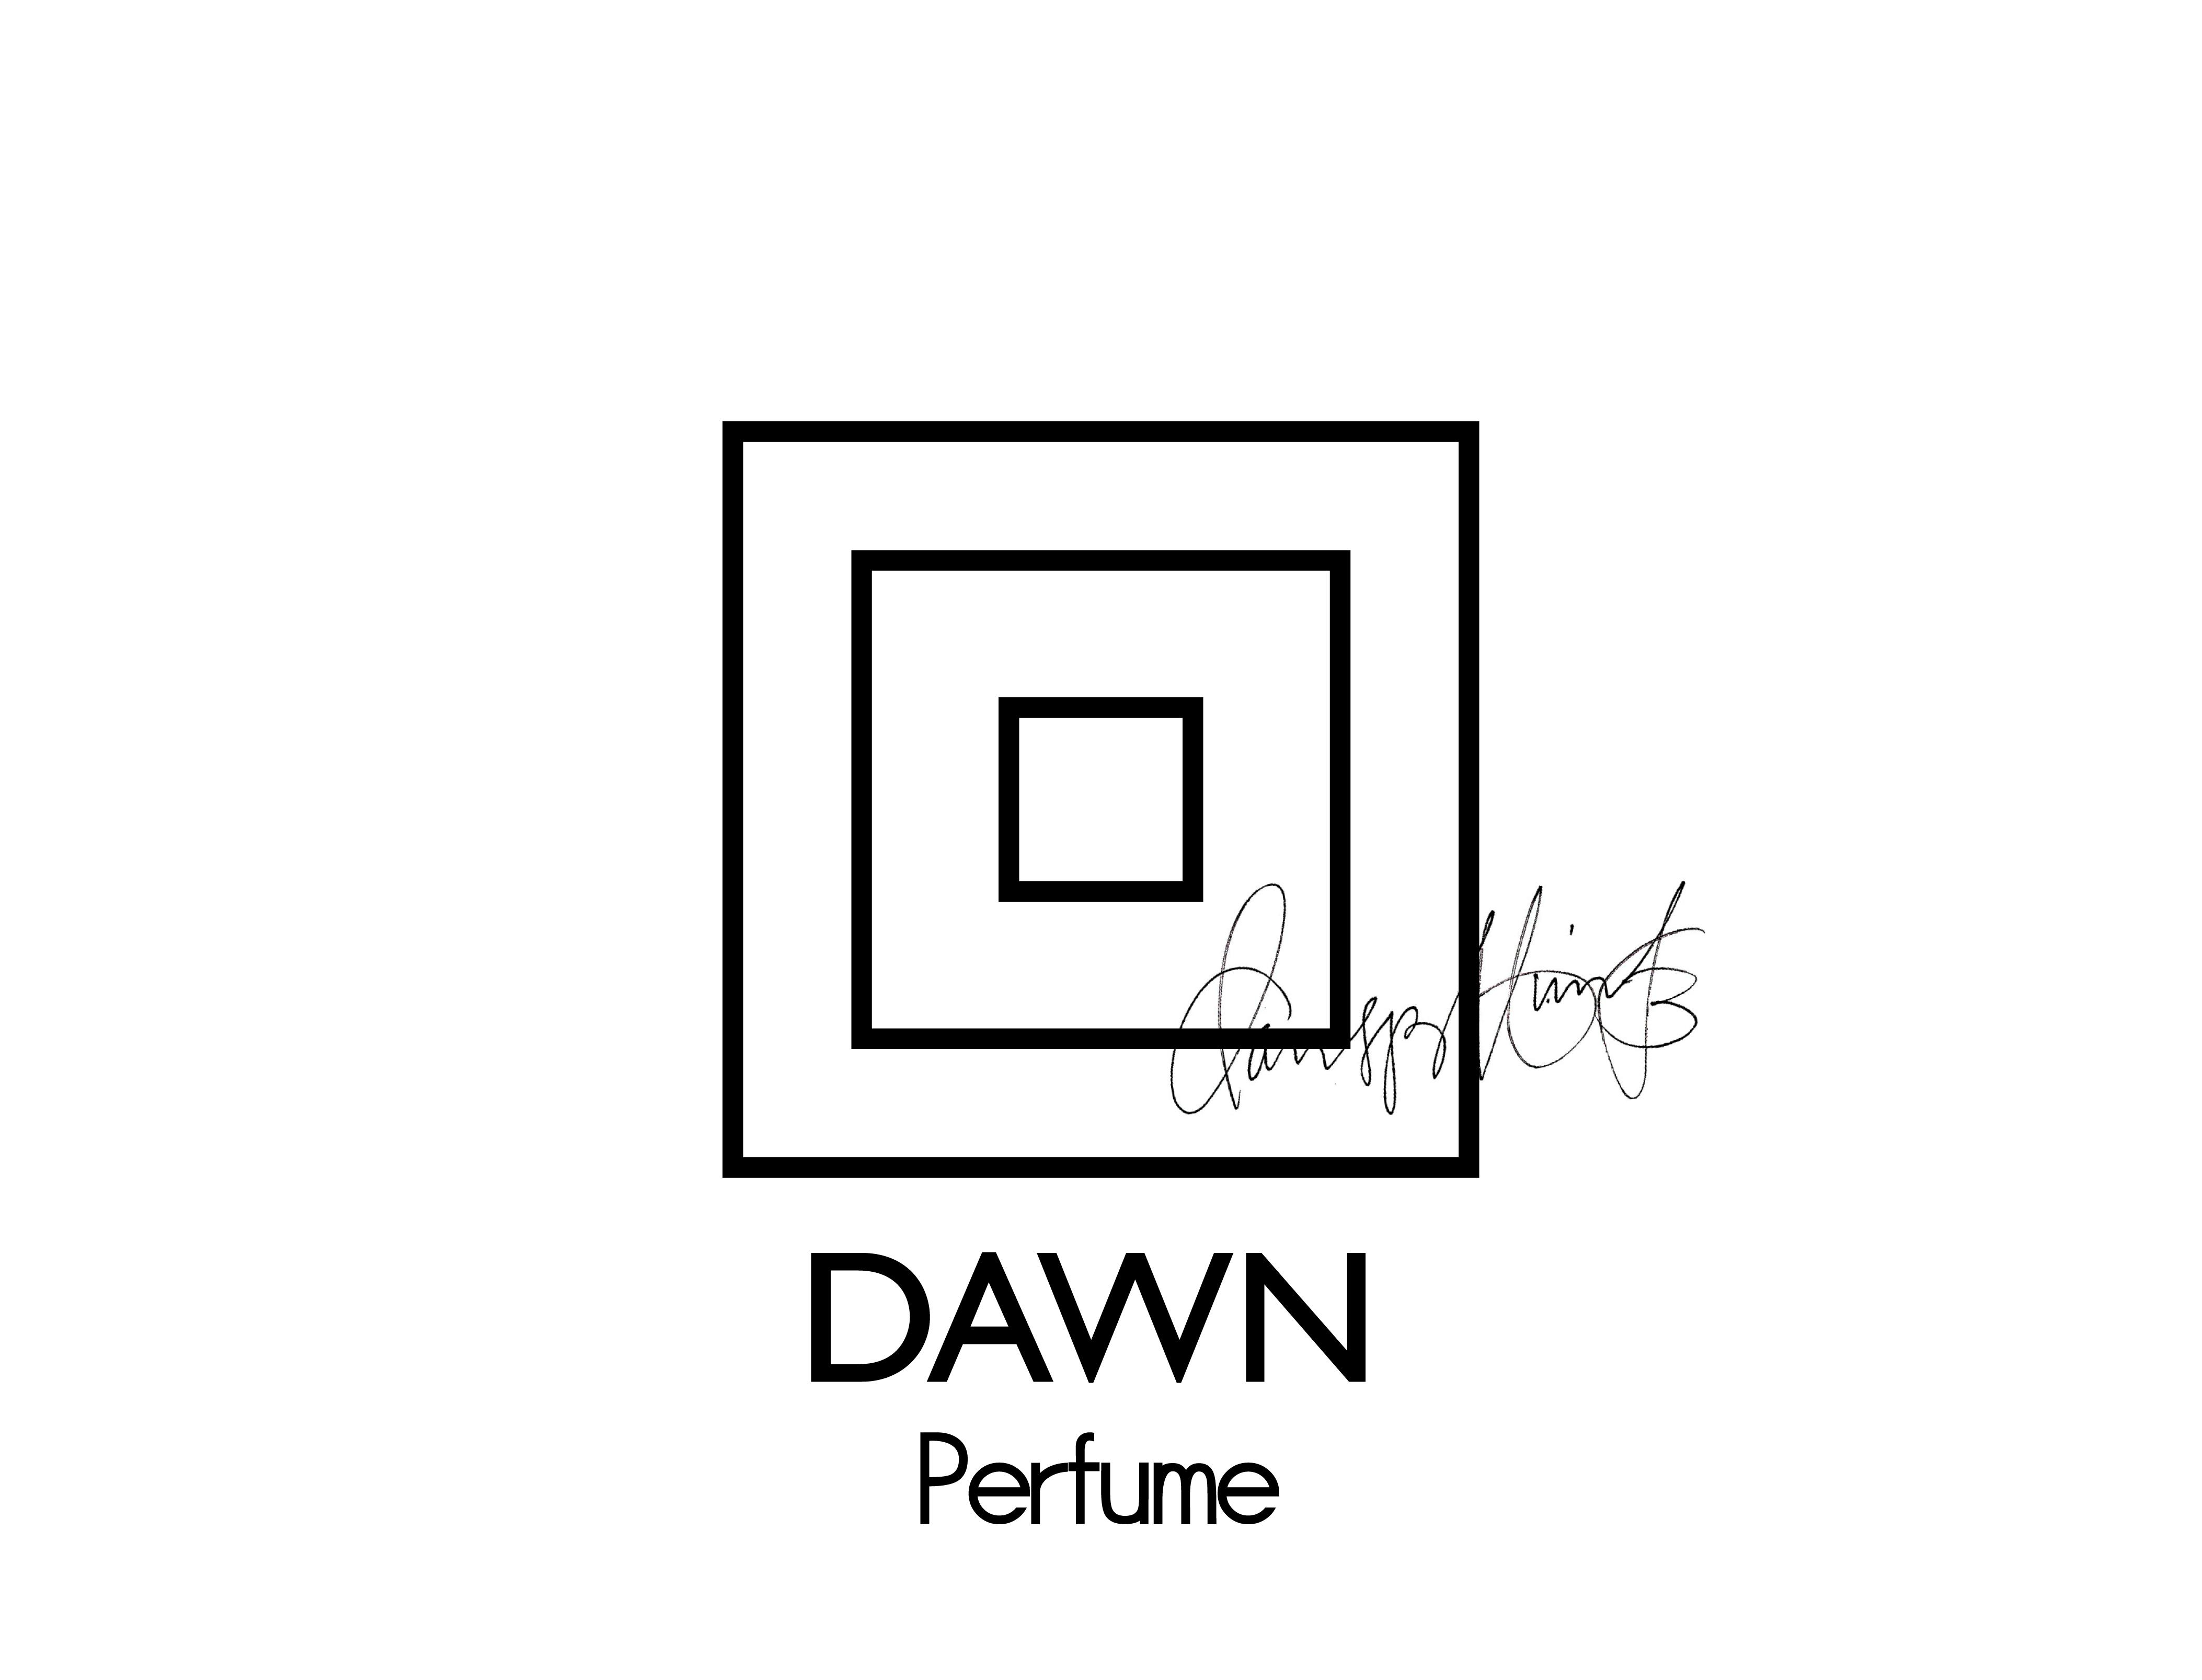 DAWN perfume パーソナルカウンセリングのお知らせ